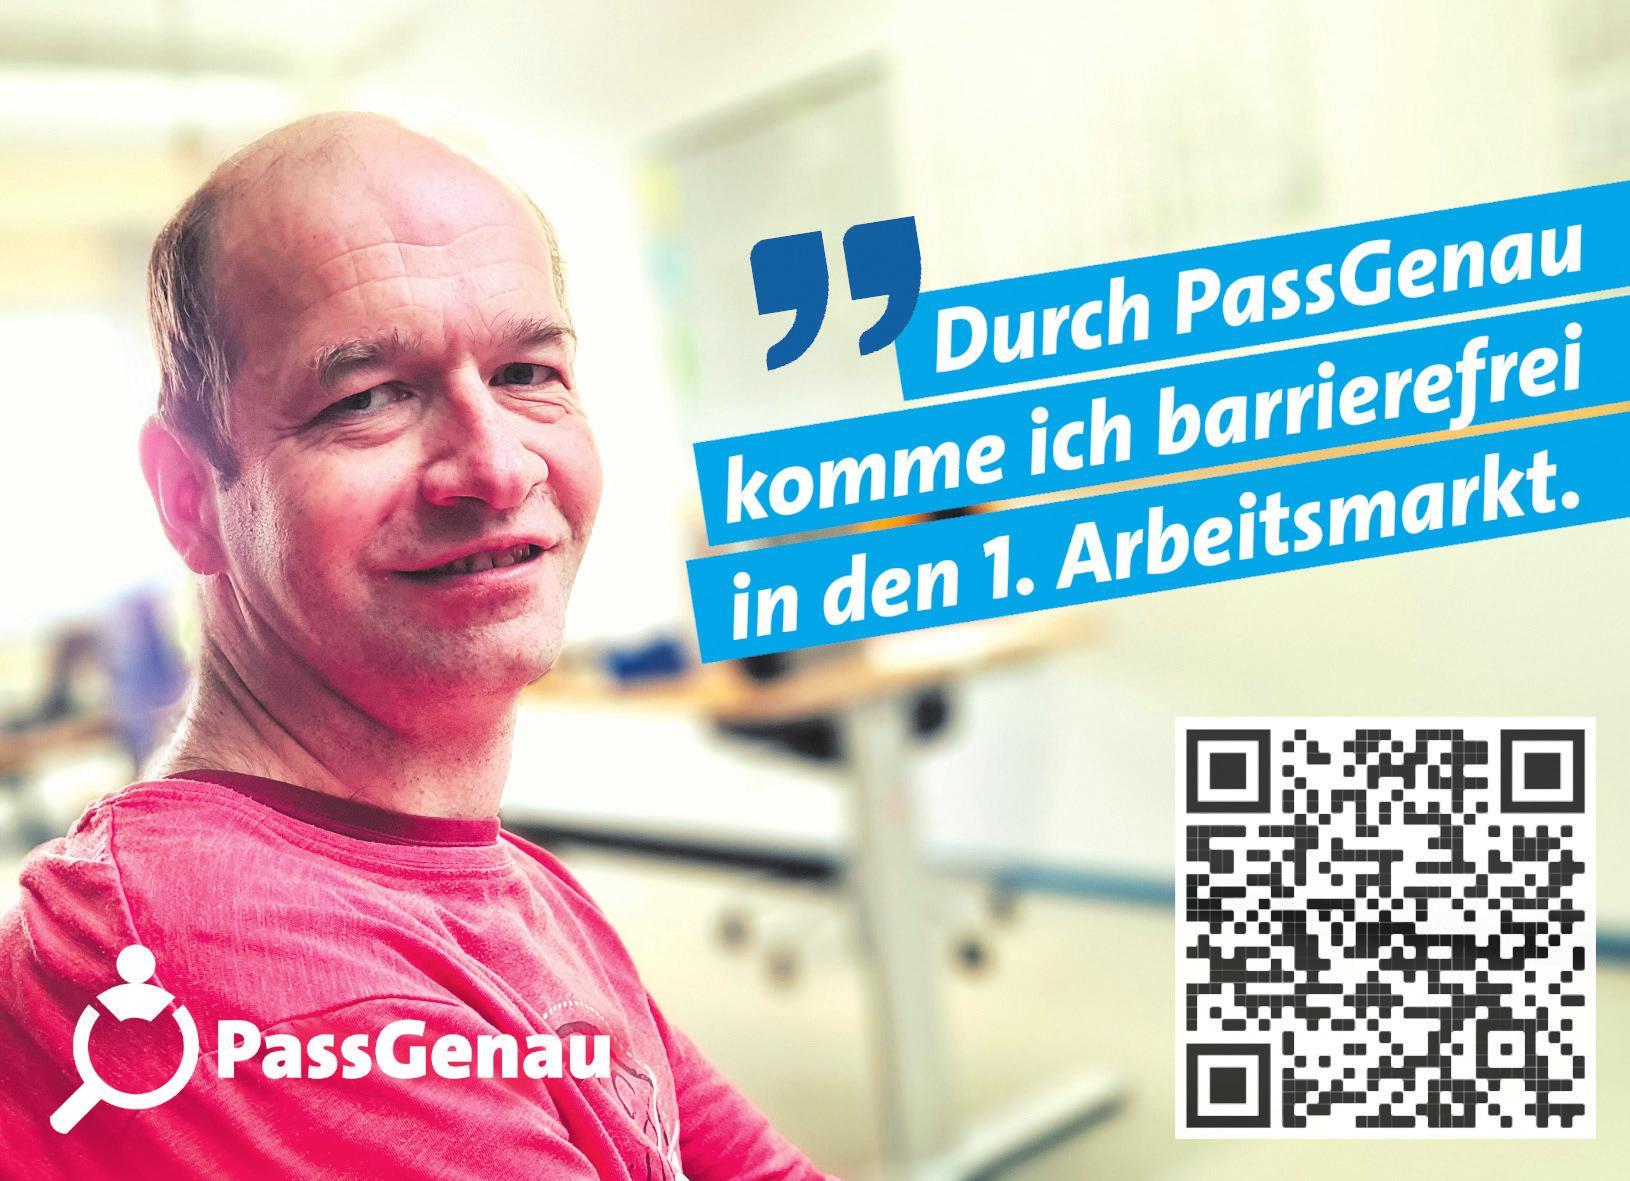 PassGenau